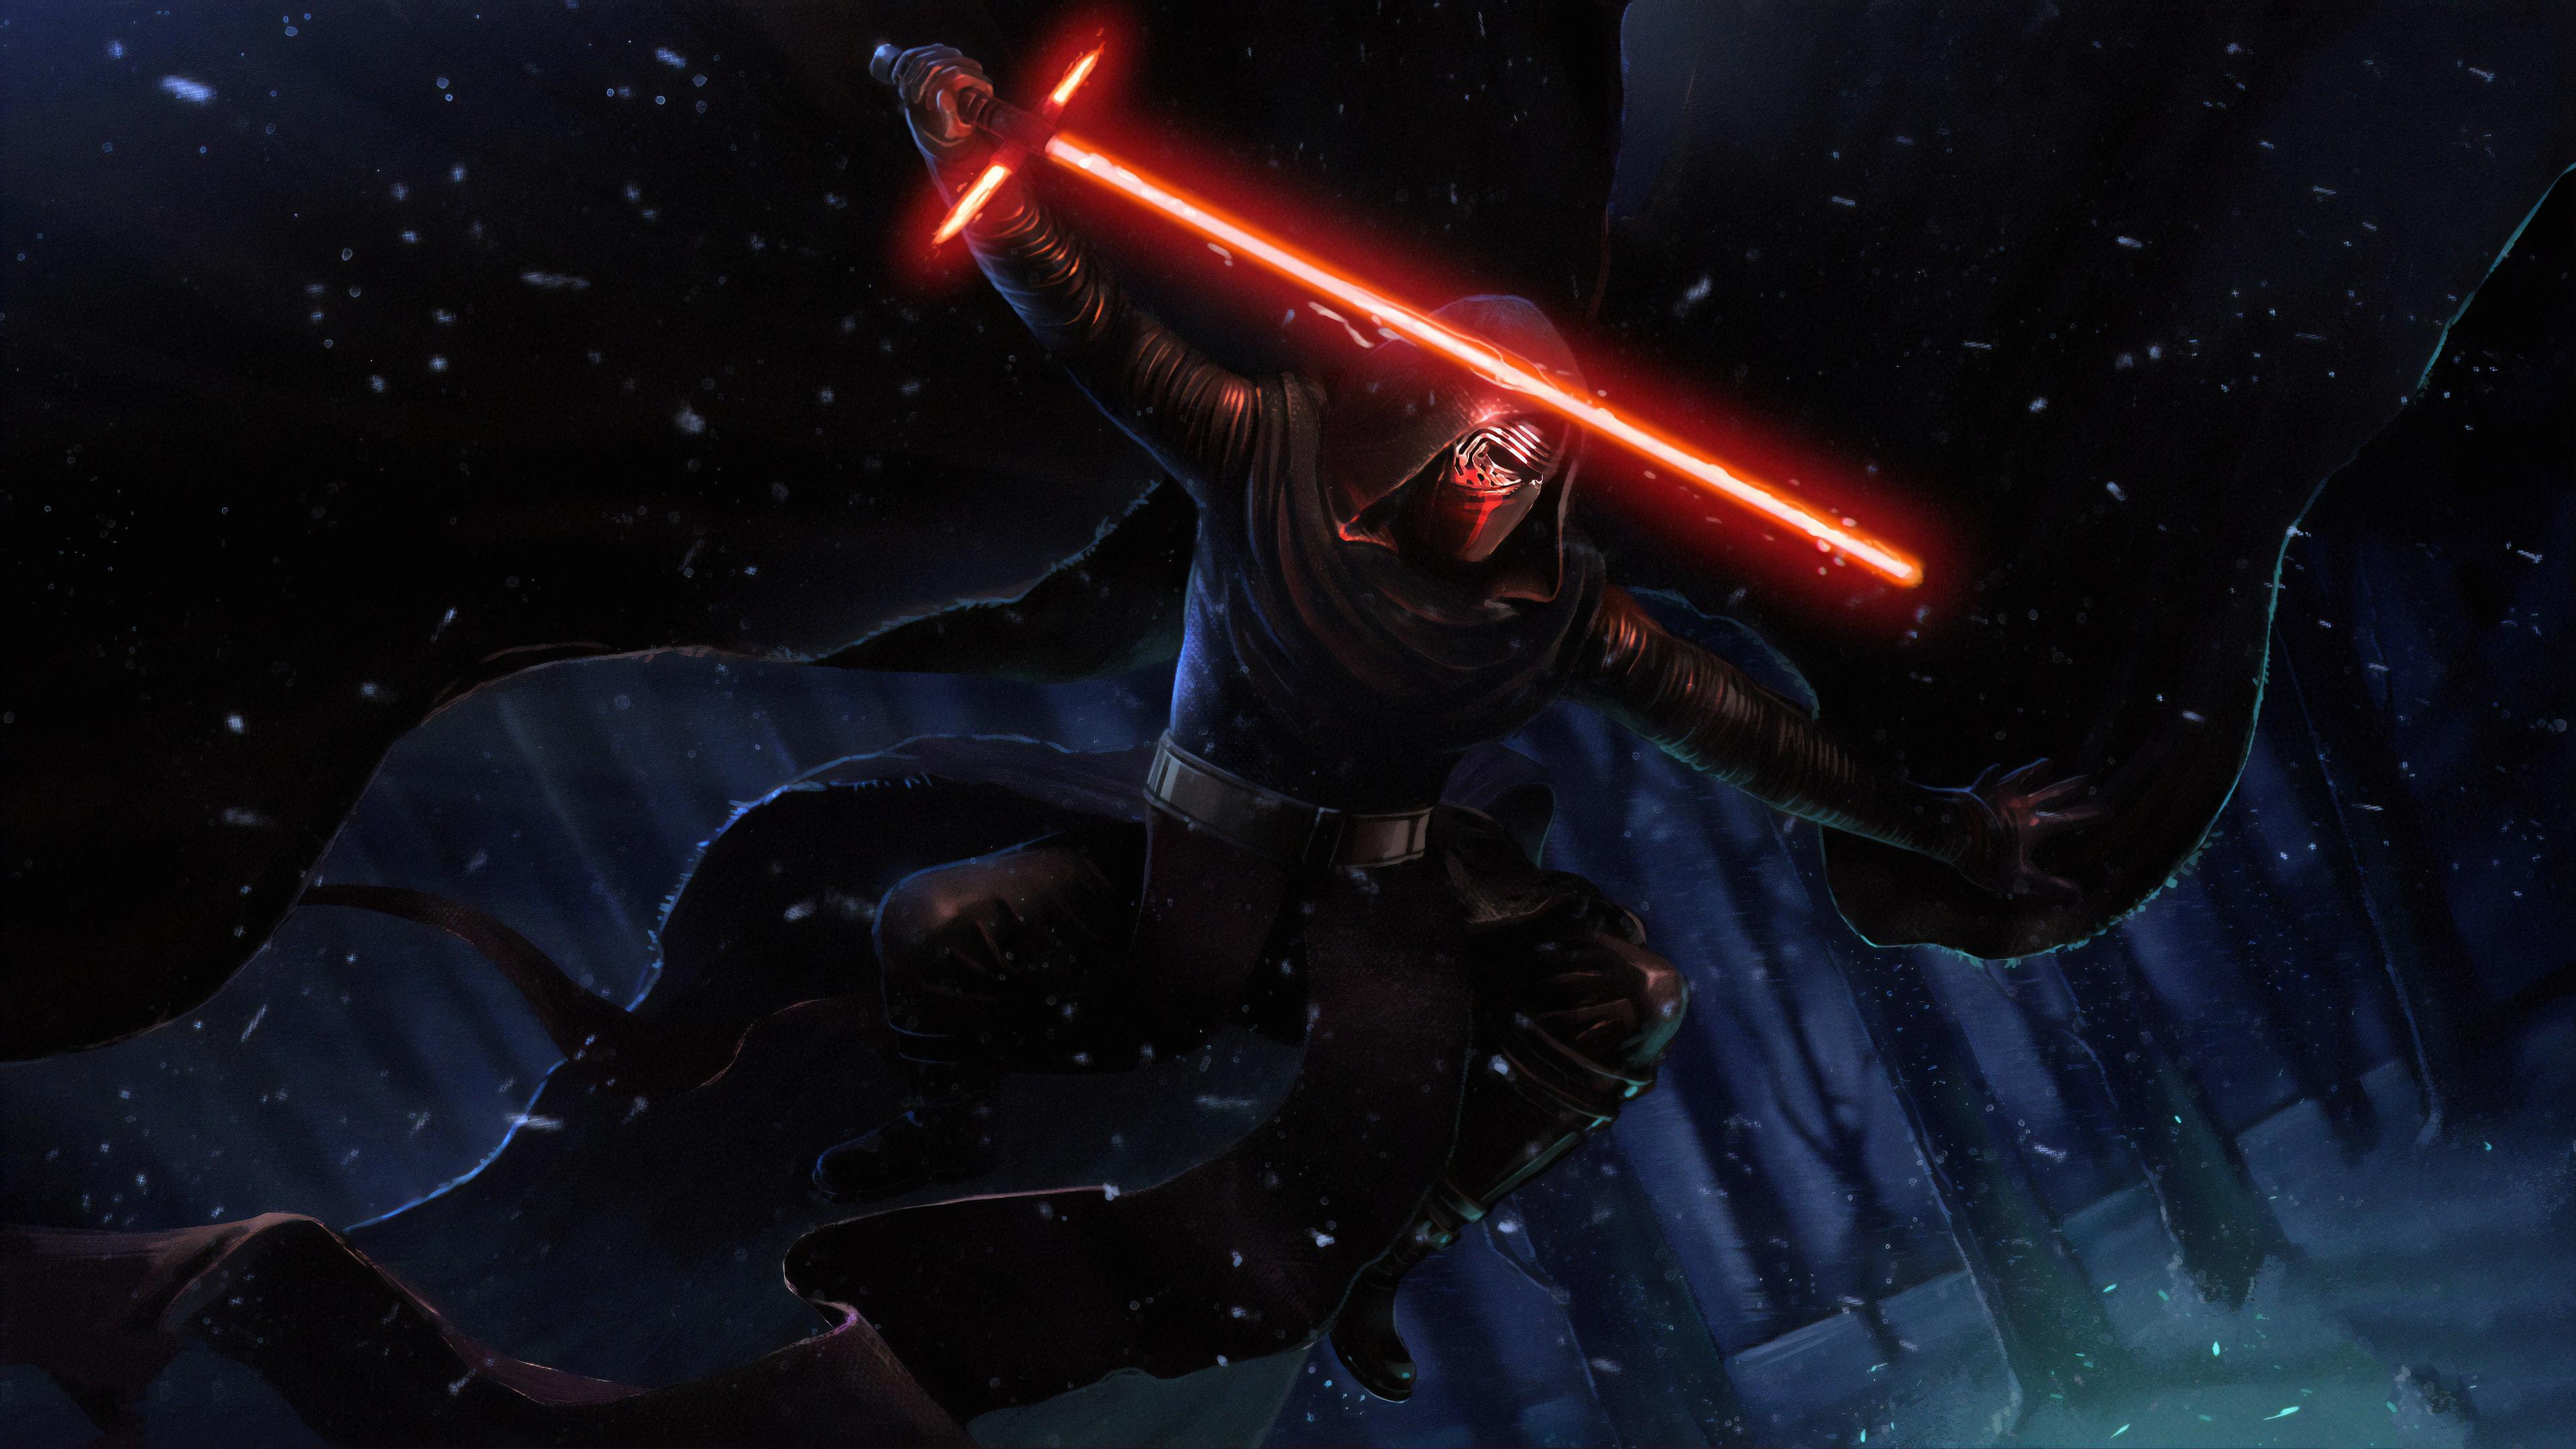 3840x2160 Darth Vader Laser 4k Hd 4k Wallpapers Images